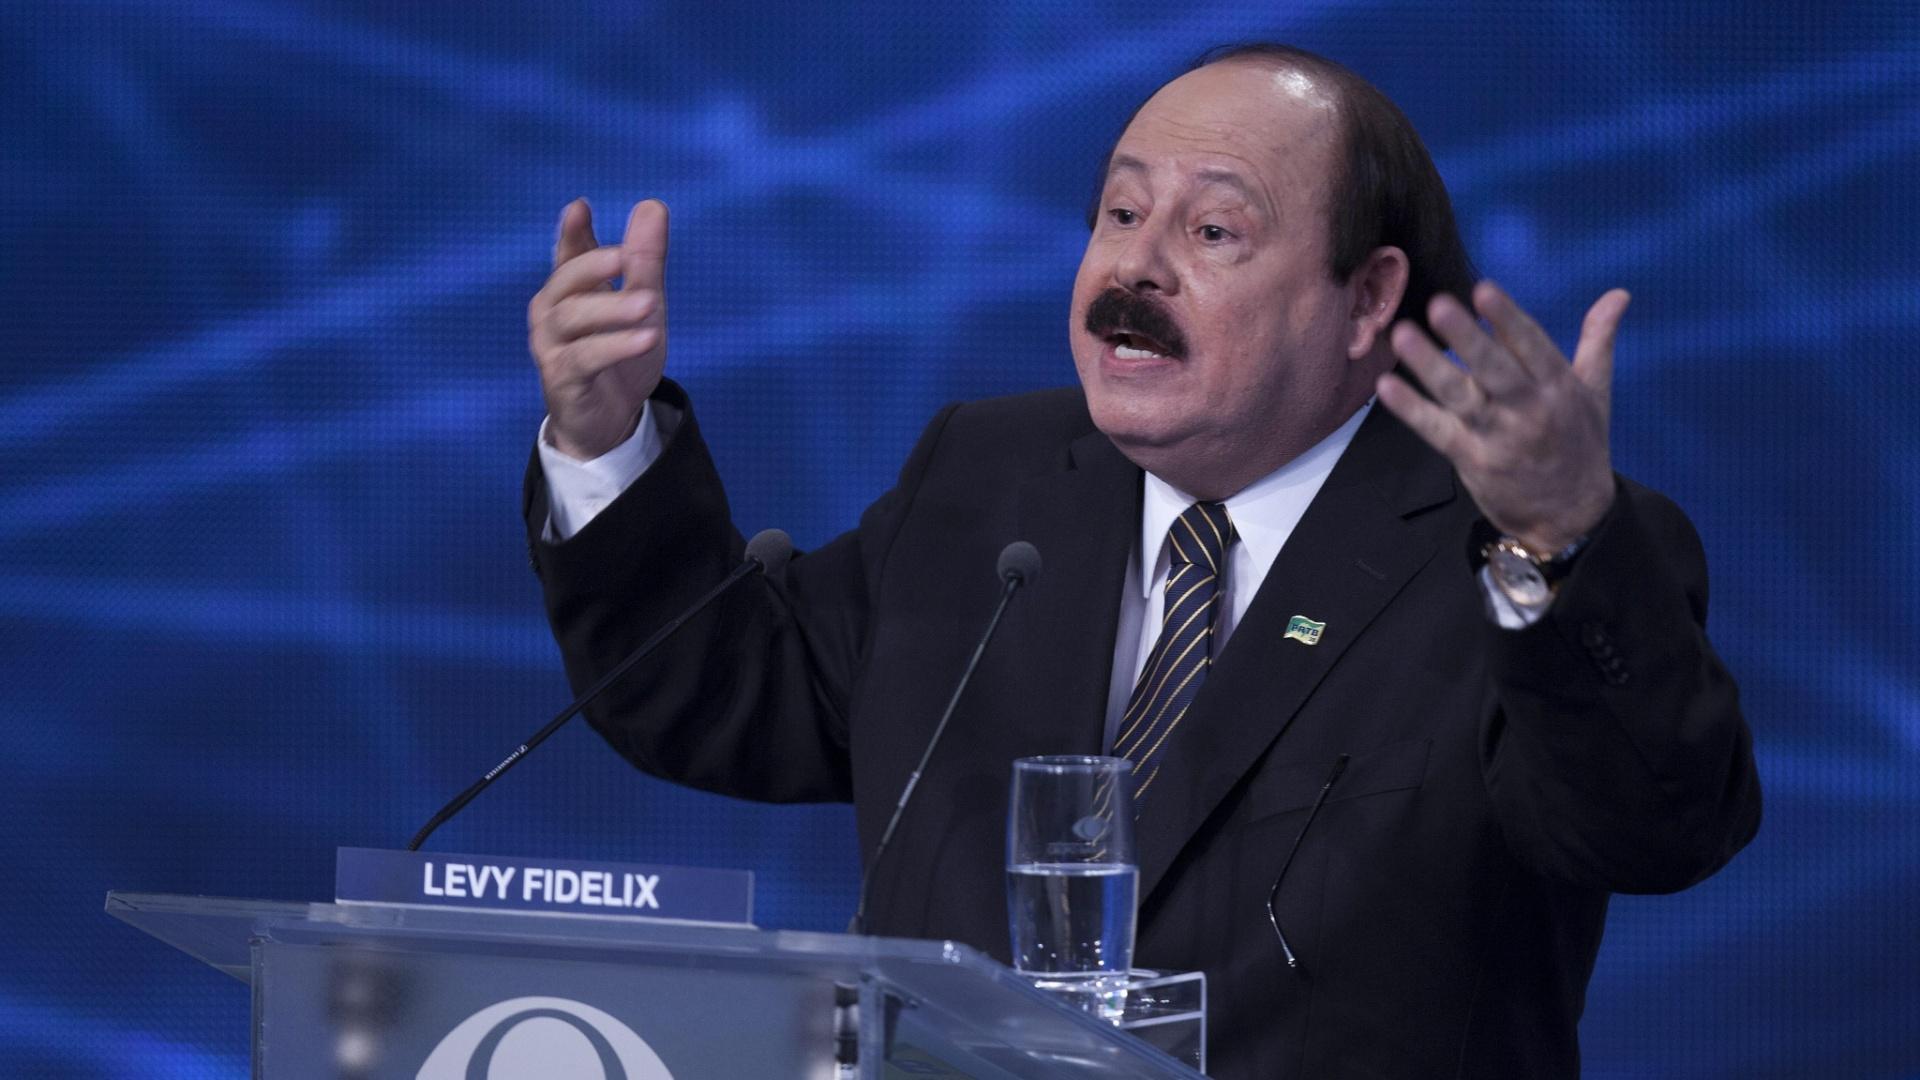 26.ago.2014 - O candidato Levy Fidelix (PRTB) participa do primeiro debate entre os participantes da corrida presidencial, promovido pela TV Bandeirantes nesta terça-feira